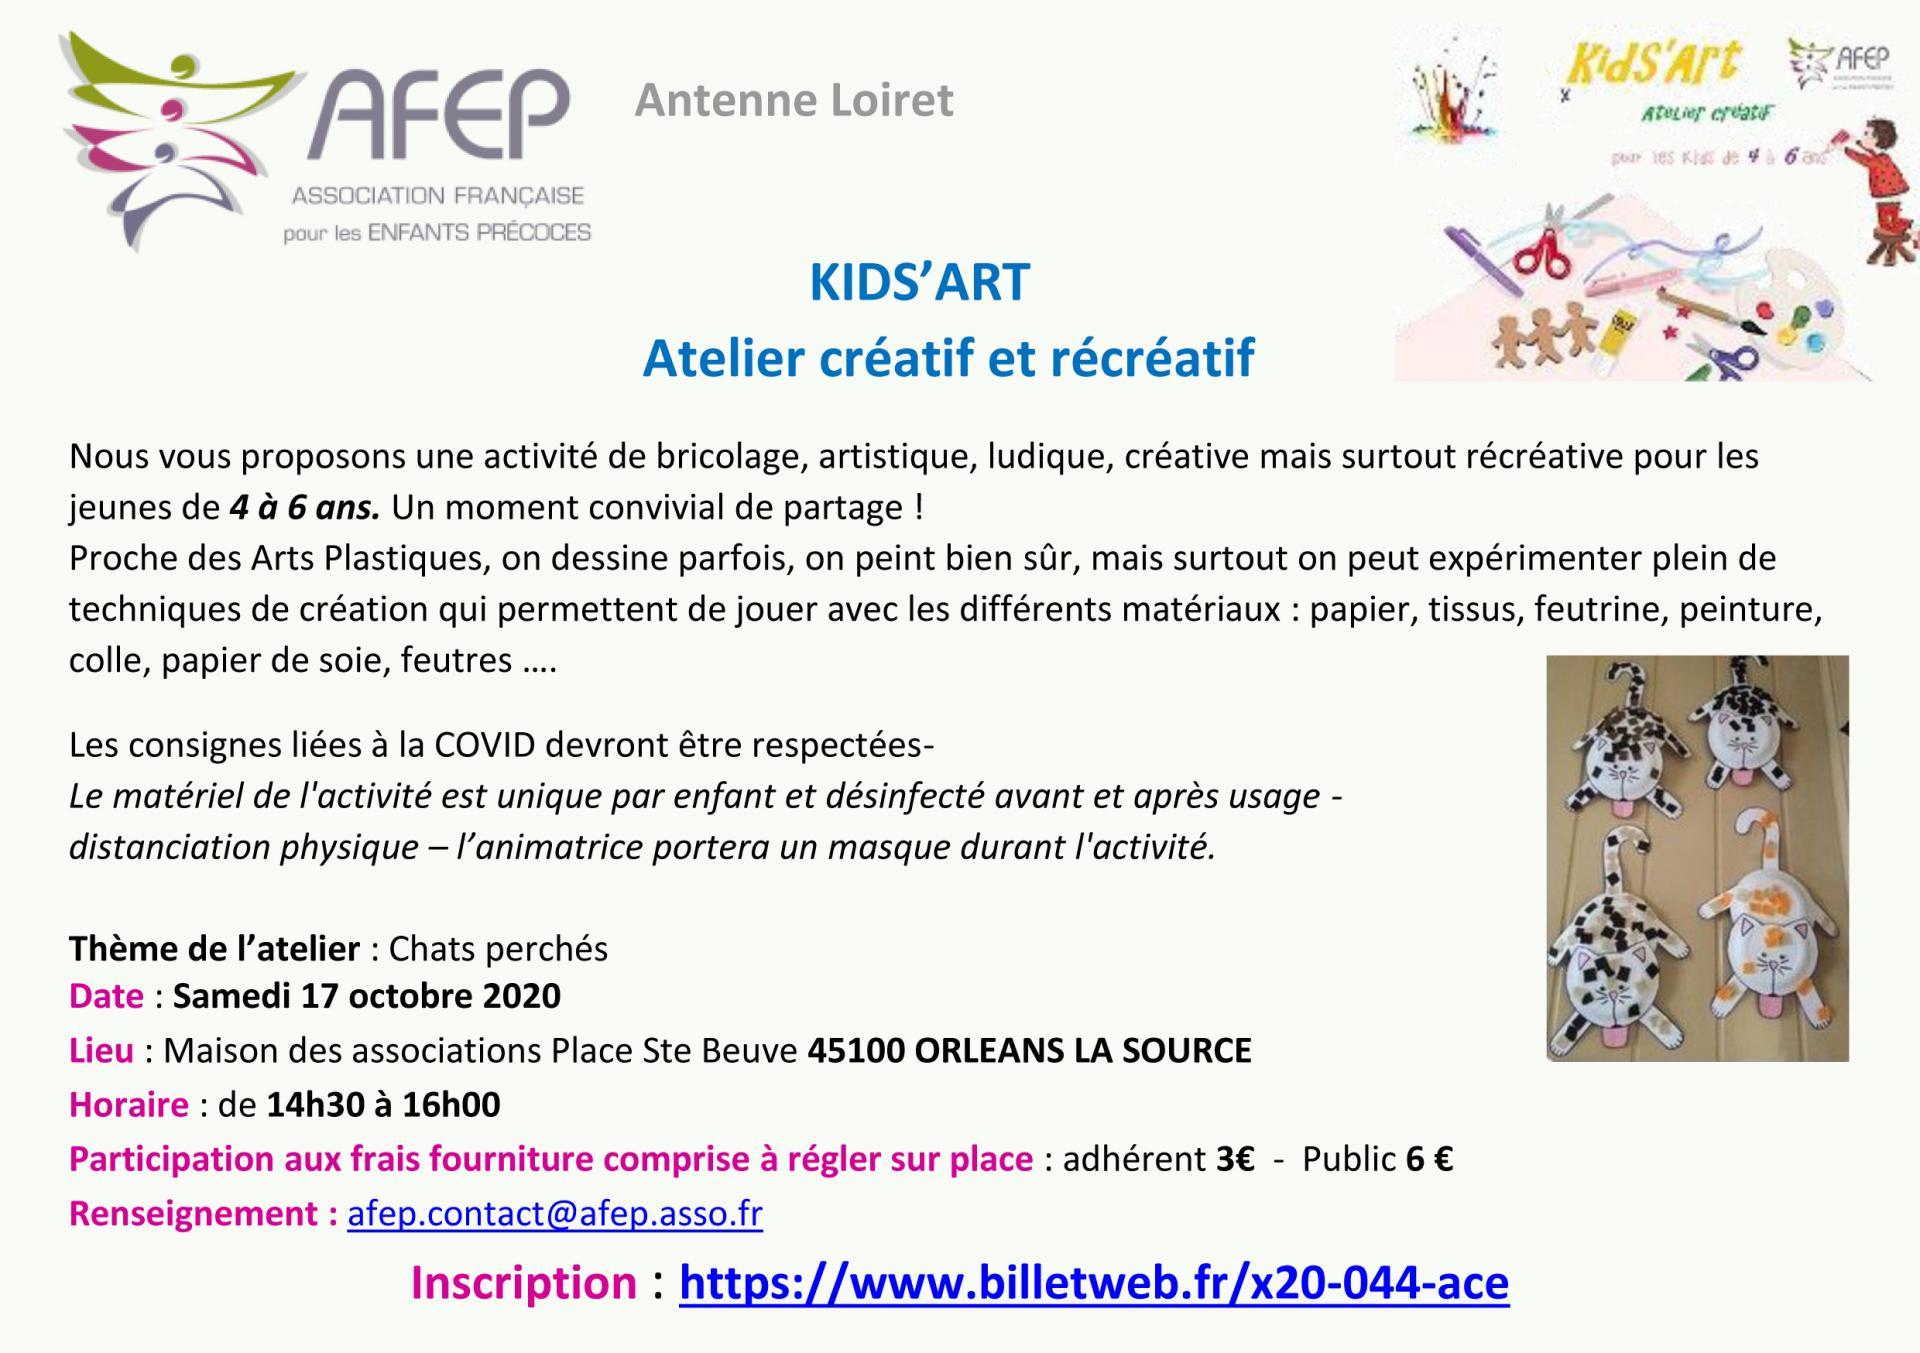 Kidsart 17 10 20